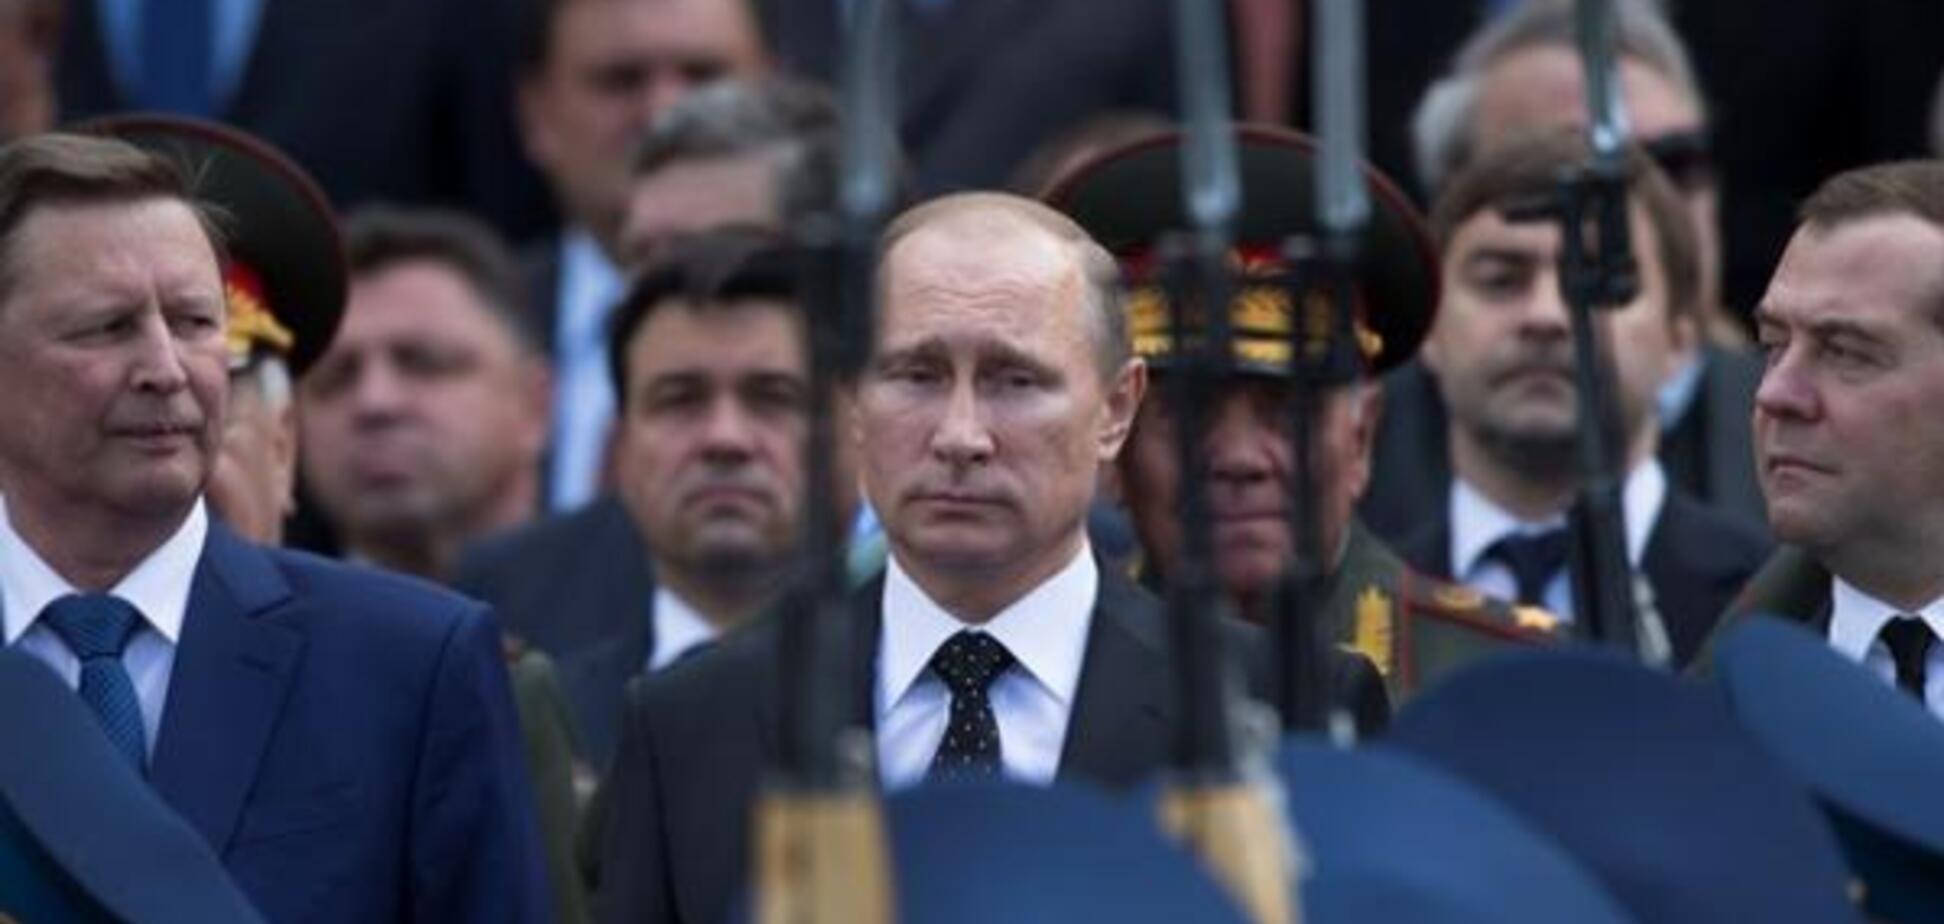 Если Путин 'хороший парень', то кто тогда 'плохой'?